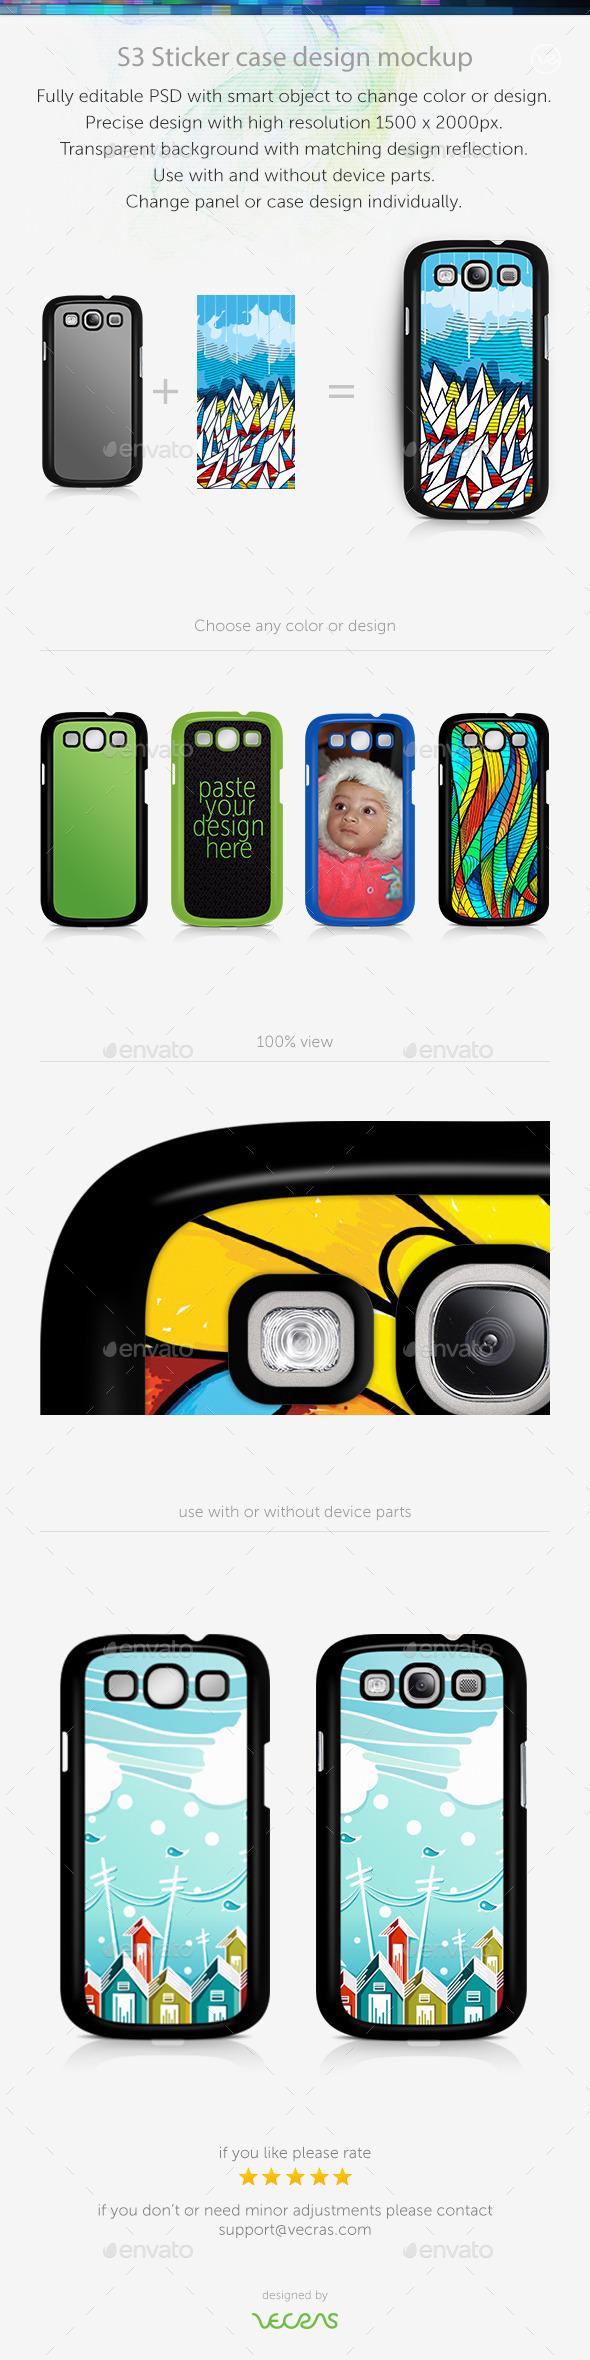 S3 Sticker Case Design Mockup - Mobile Displays